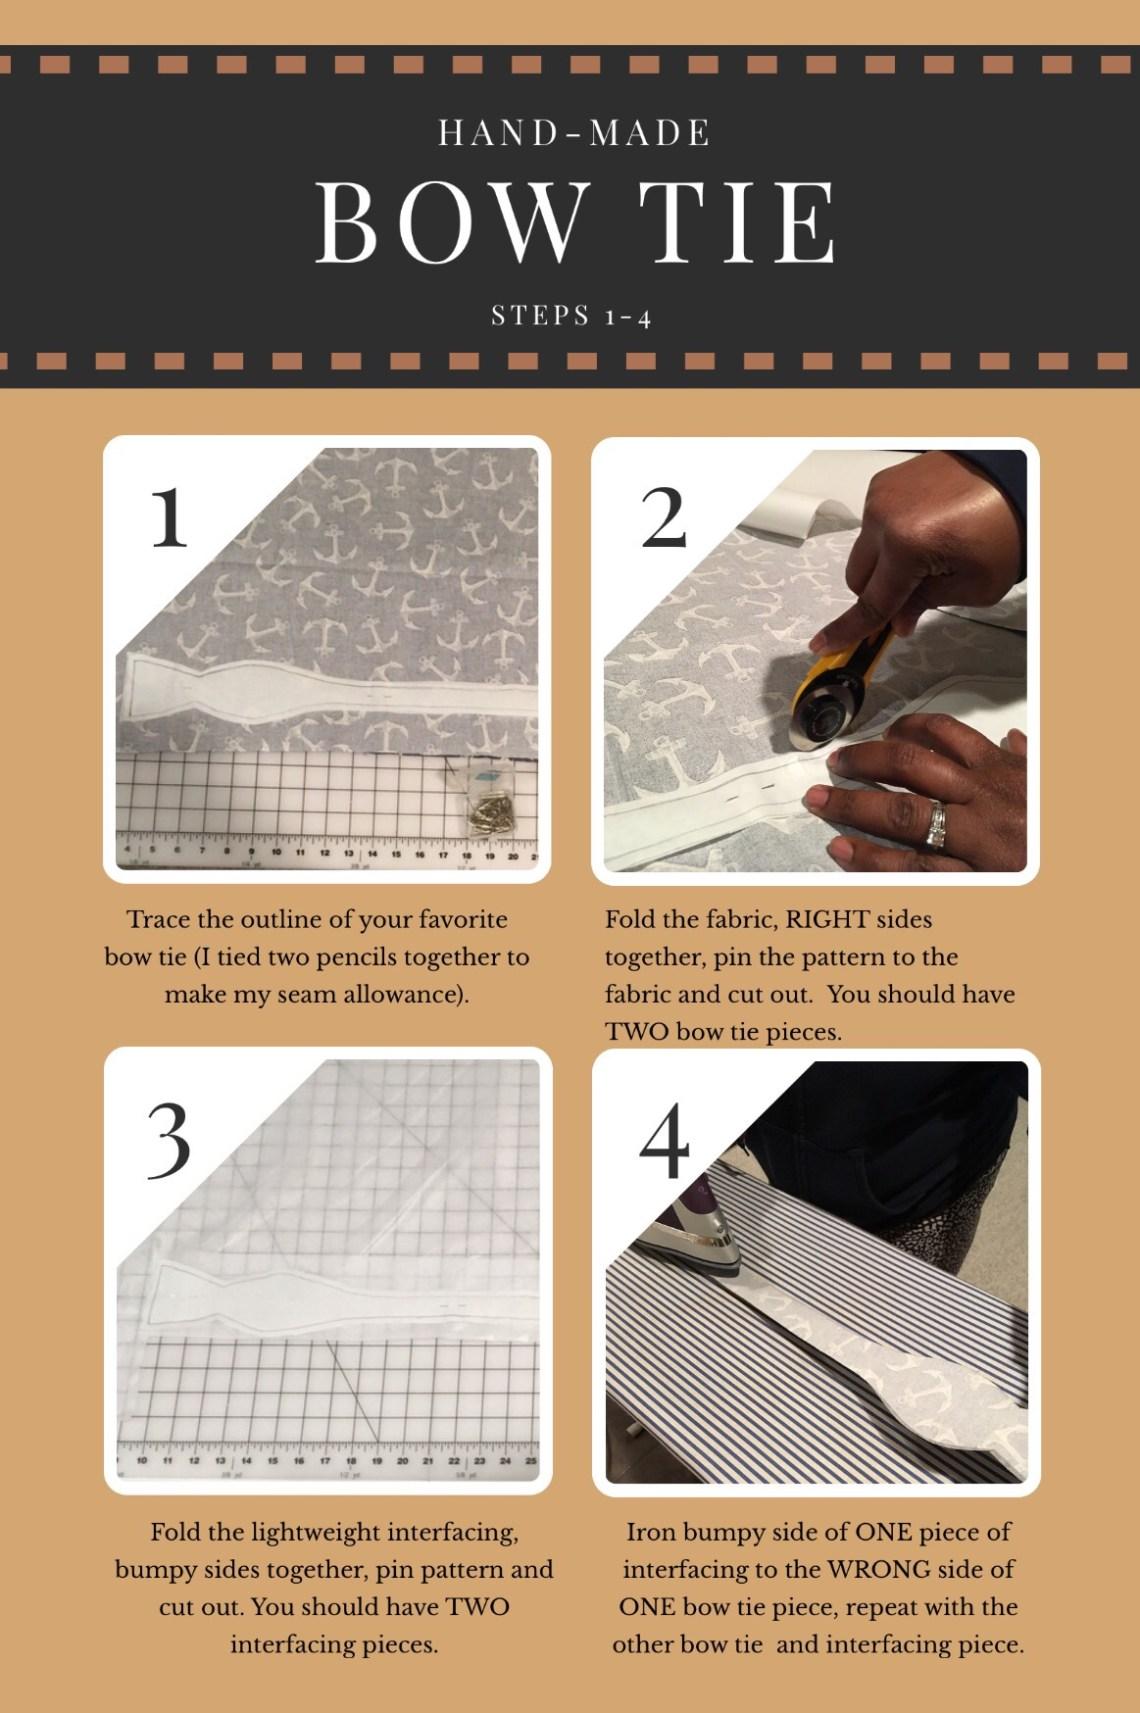 Handmade bow tie steps 1-4